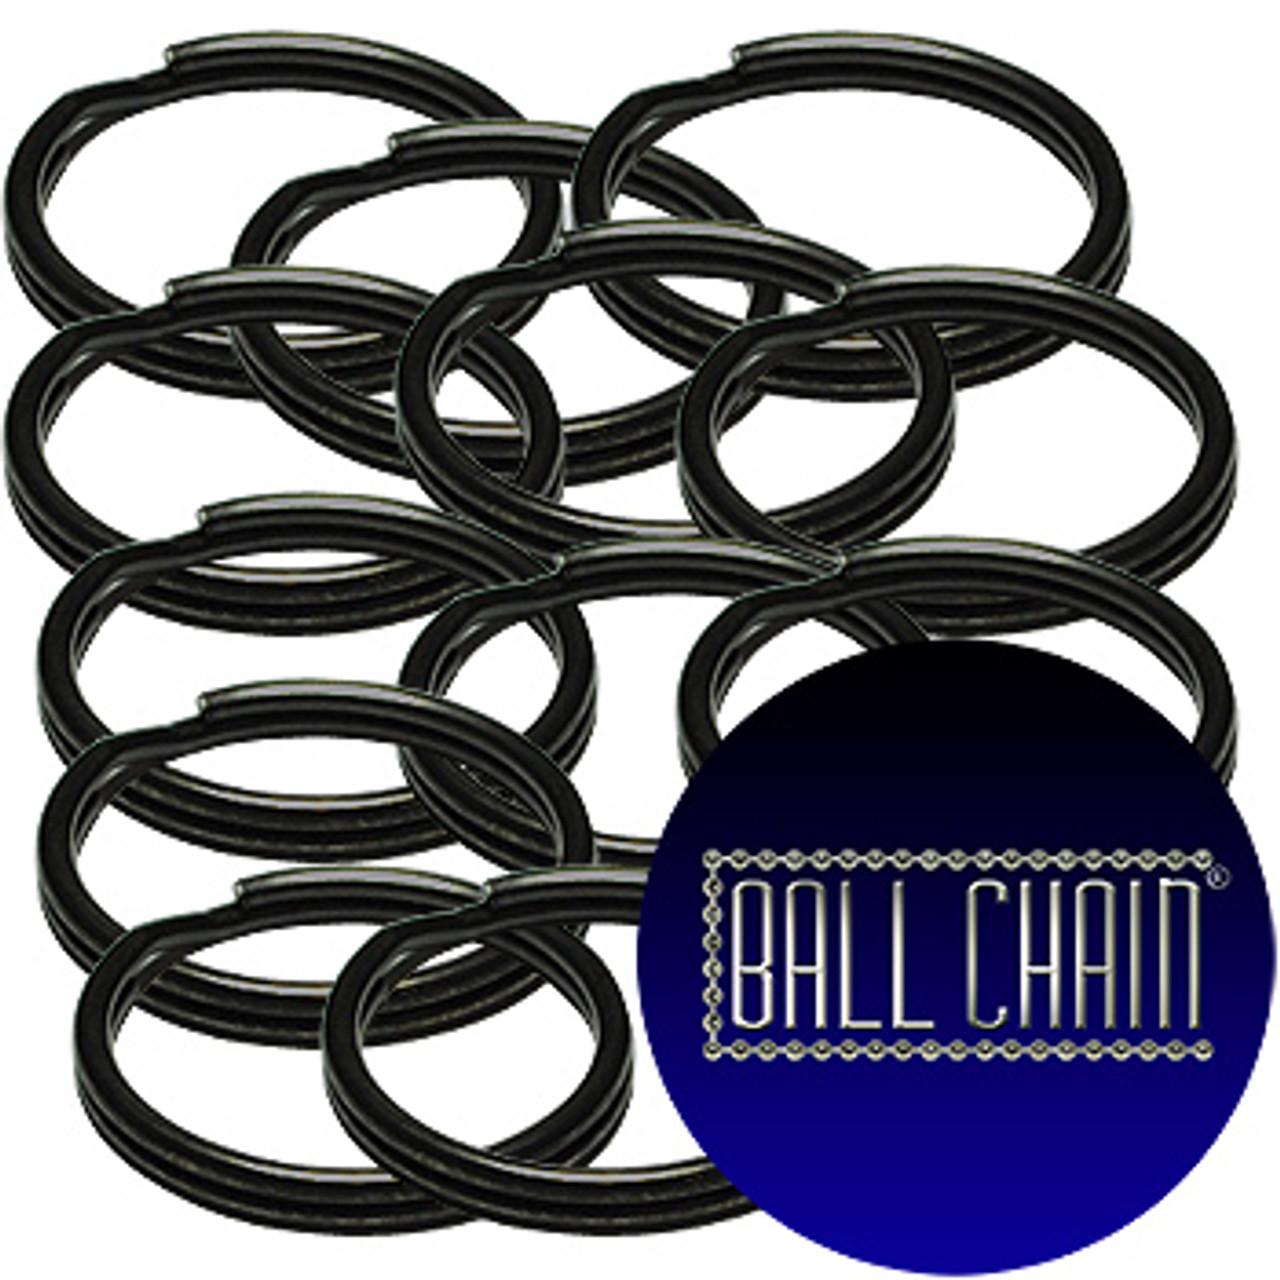 35 mm or 2 inch Black Split Key Rings sold in bulk.